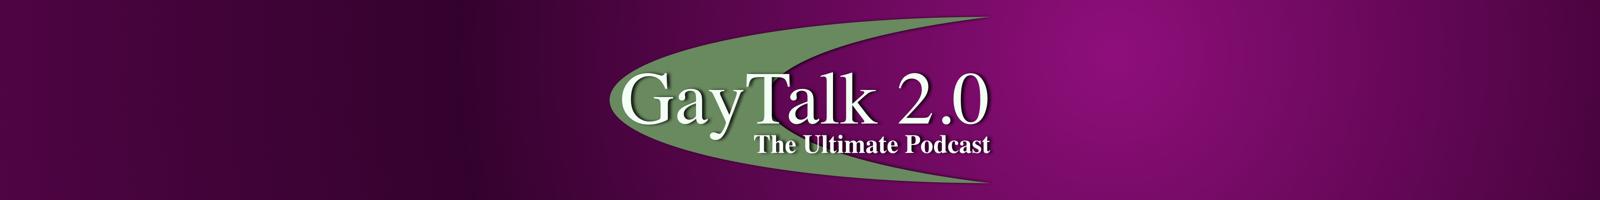 gaytalk-2-0-logo-1600-x-200-series-9-sg-window